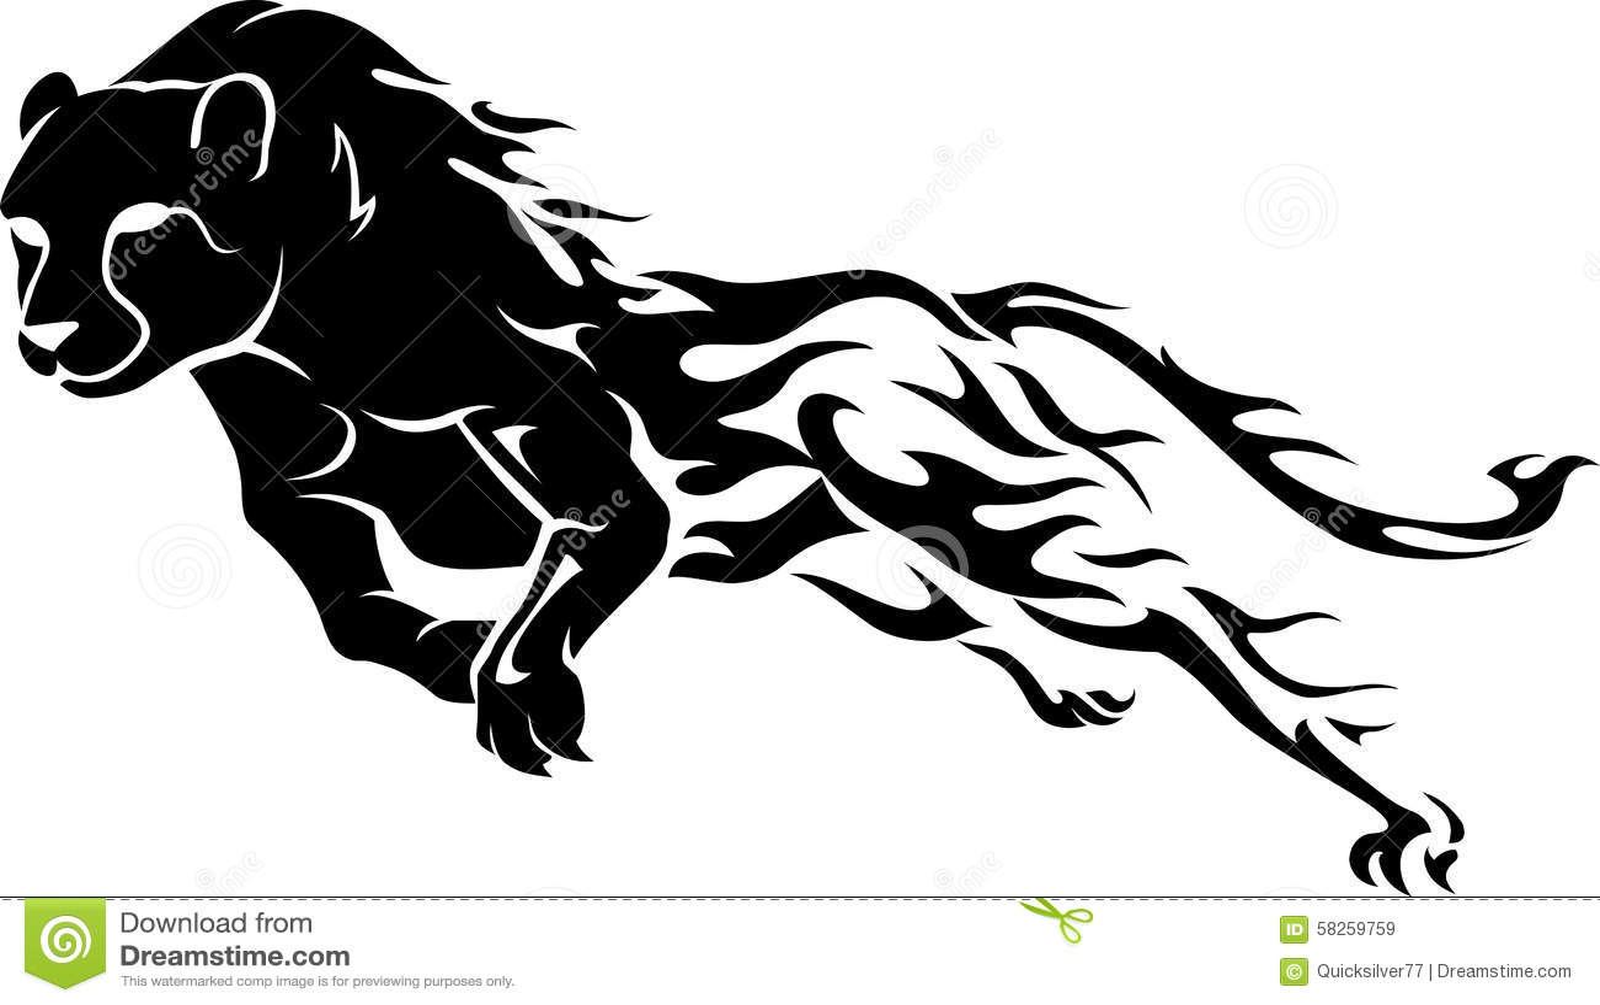 running leopard vector